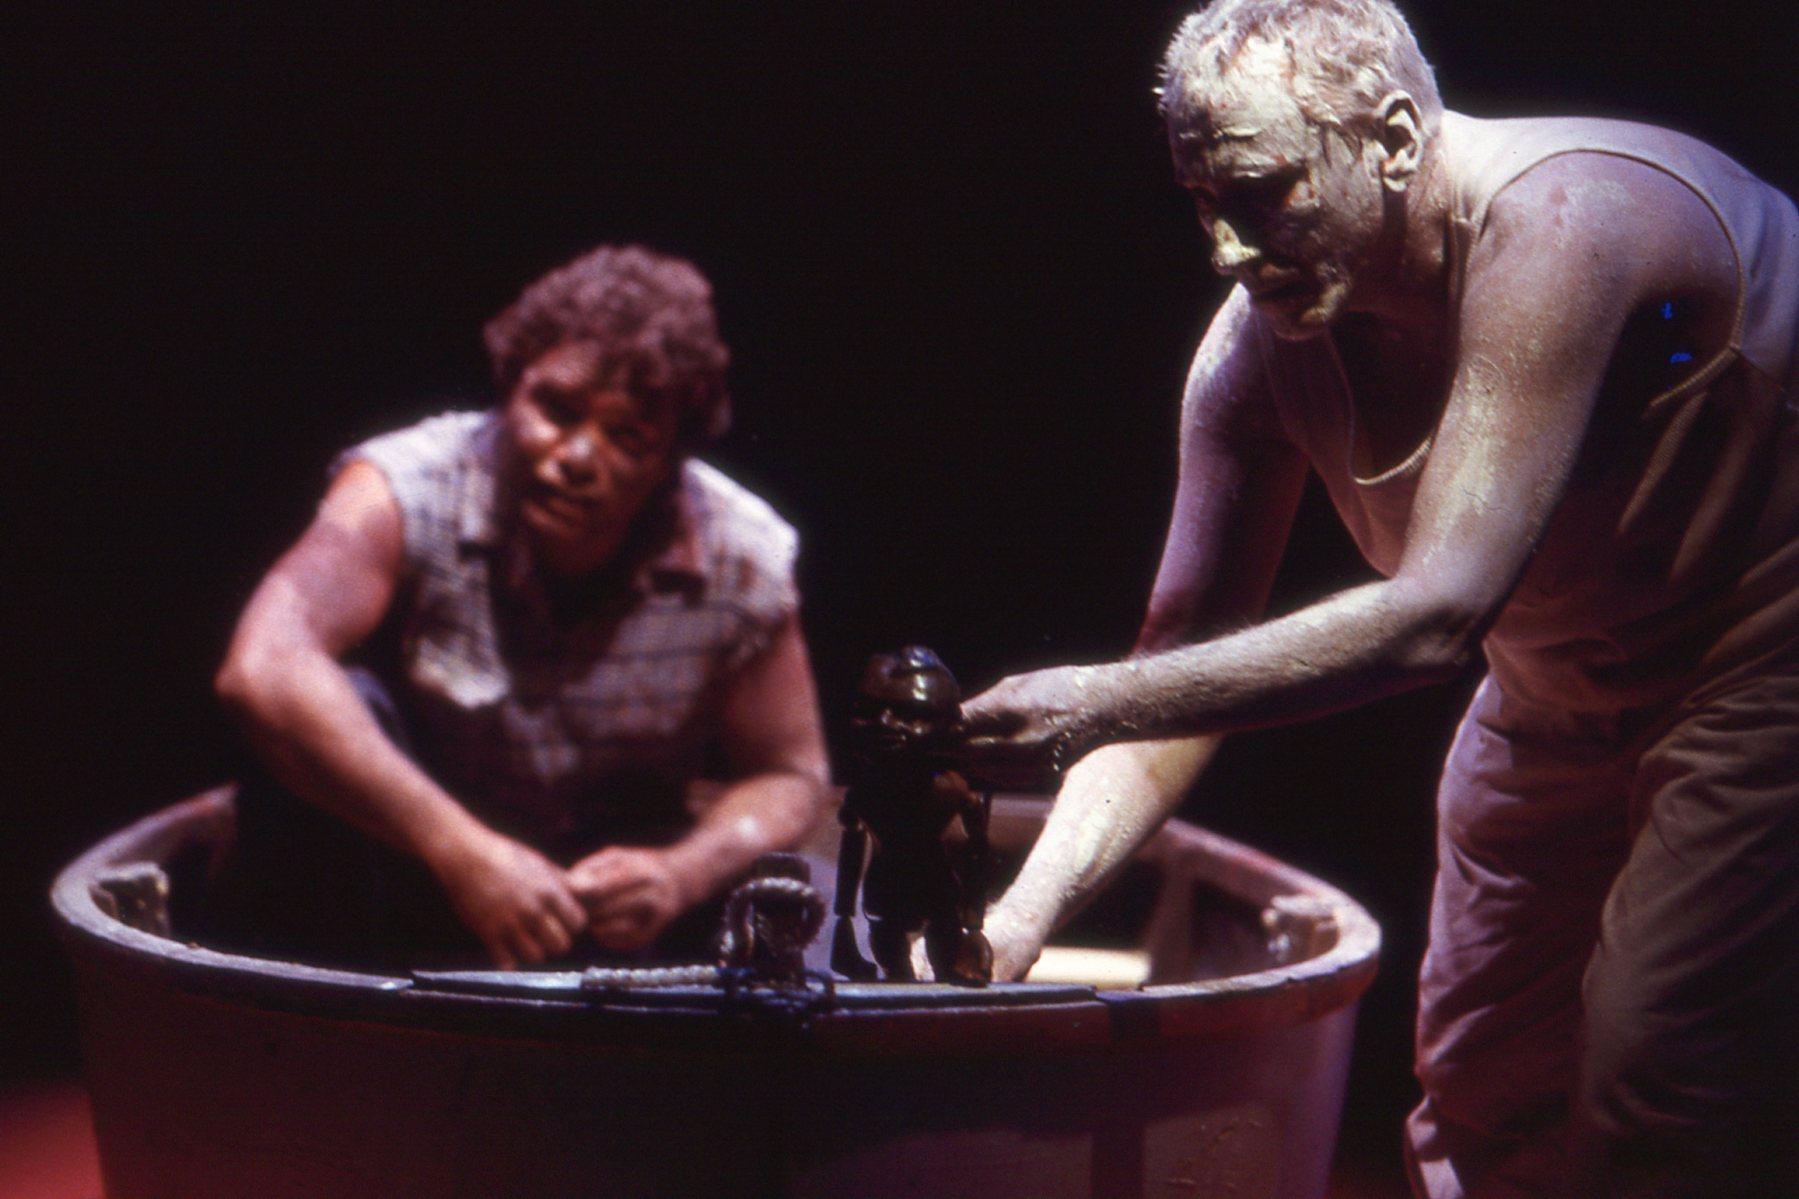 <em>Lift 'Em Up So<em>c</em>ks</em> (2000) par Handspan Theatre Company (Melbourne, Australie, 1977-2002), un spe<em>c</em>ta<em>c</em>le ave<em>c</em> des a<em>c</em>teurs et des marionnettes, de l'imagerie numérique et de l'animation, inspiré par une <em>c</em>olle<em>c</em>tion de marionettes des années 1950 et partiellement basé sur la vie de l'artiste aborigène et a<em>c</em>teur de <em>c</em>inéma Tom E. Lewis. Mise en s<em>c</em>ène : David Bell, mise en s<em>c</em>ène de marionnette : Heather Monk, s<em>c</em>énographie : Mary Sutherland. Sur la photo : Garçon aborigène (marionnette à tiges) ave<em>c</em> les a<em>c</em>teurs Tom E. Lewis et Rod Primrose. Photo: Jeff Busby